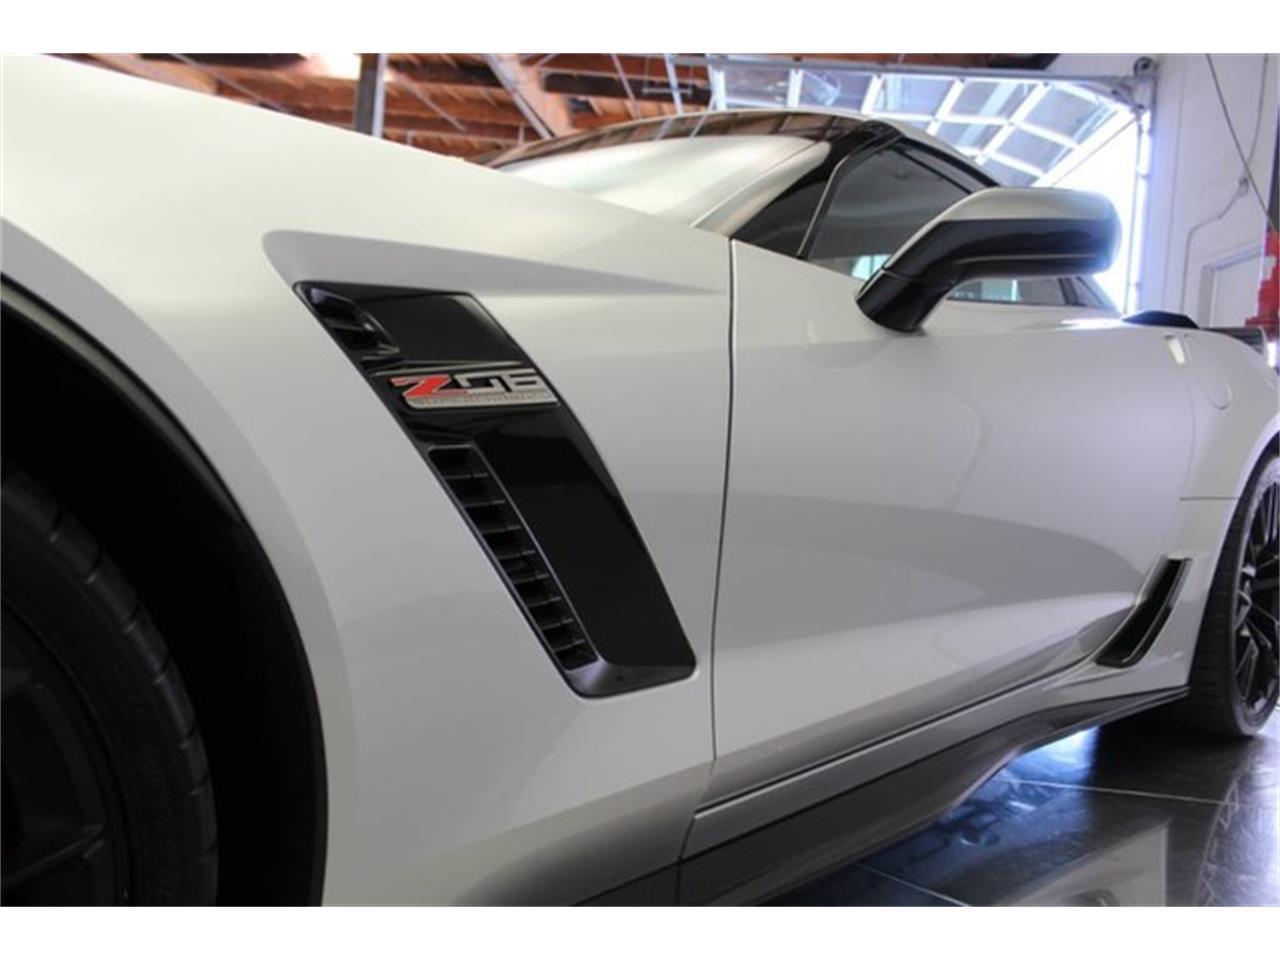 2019 Chevrolet Corvette (CC-1386115) for sale in Anaheim, California